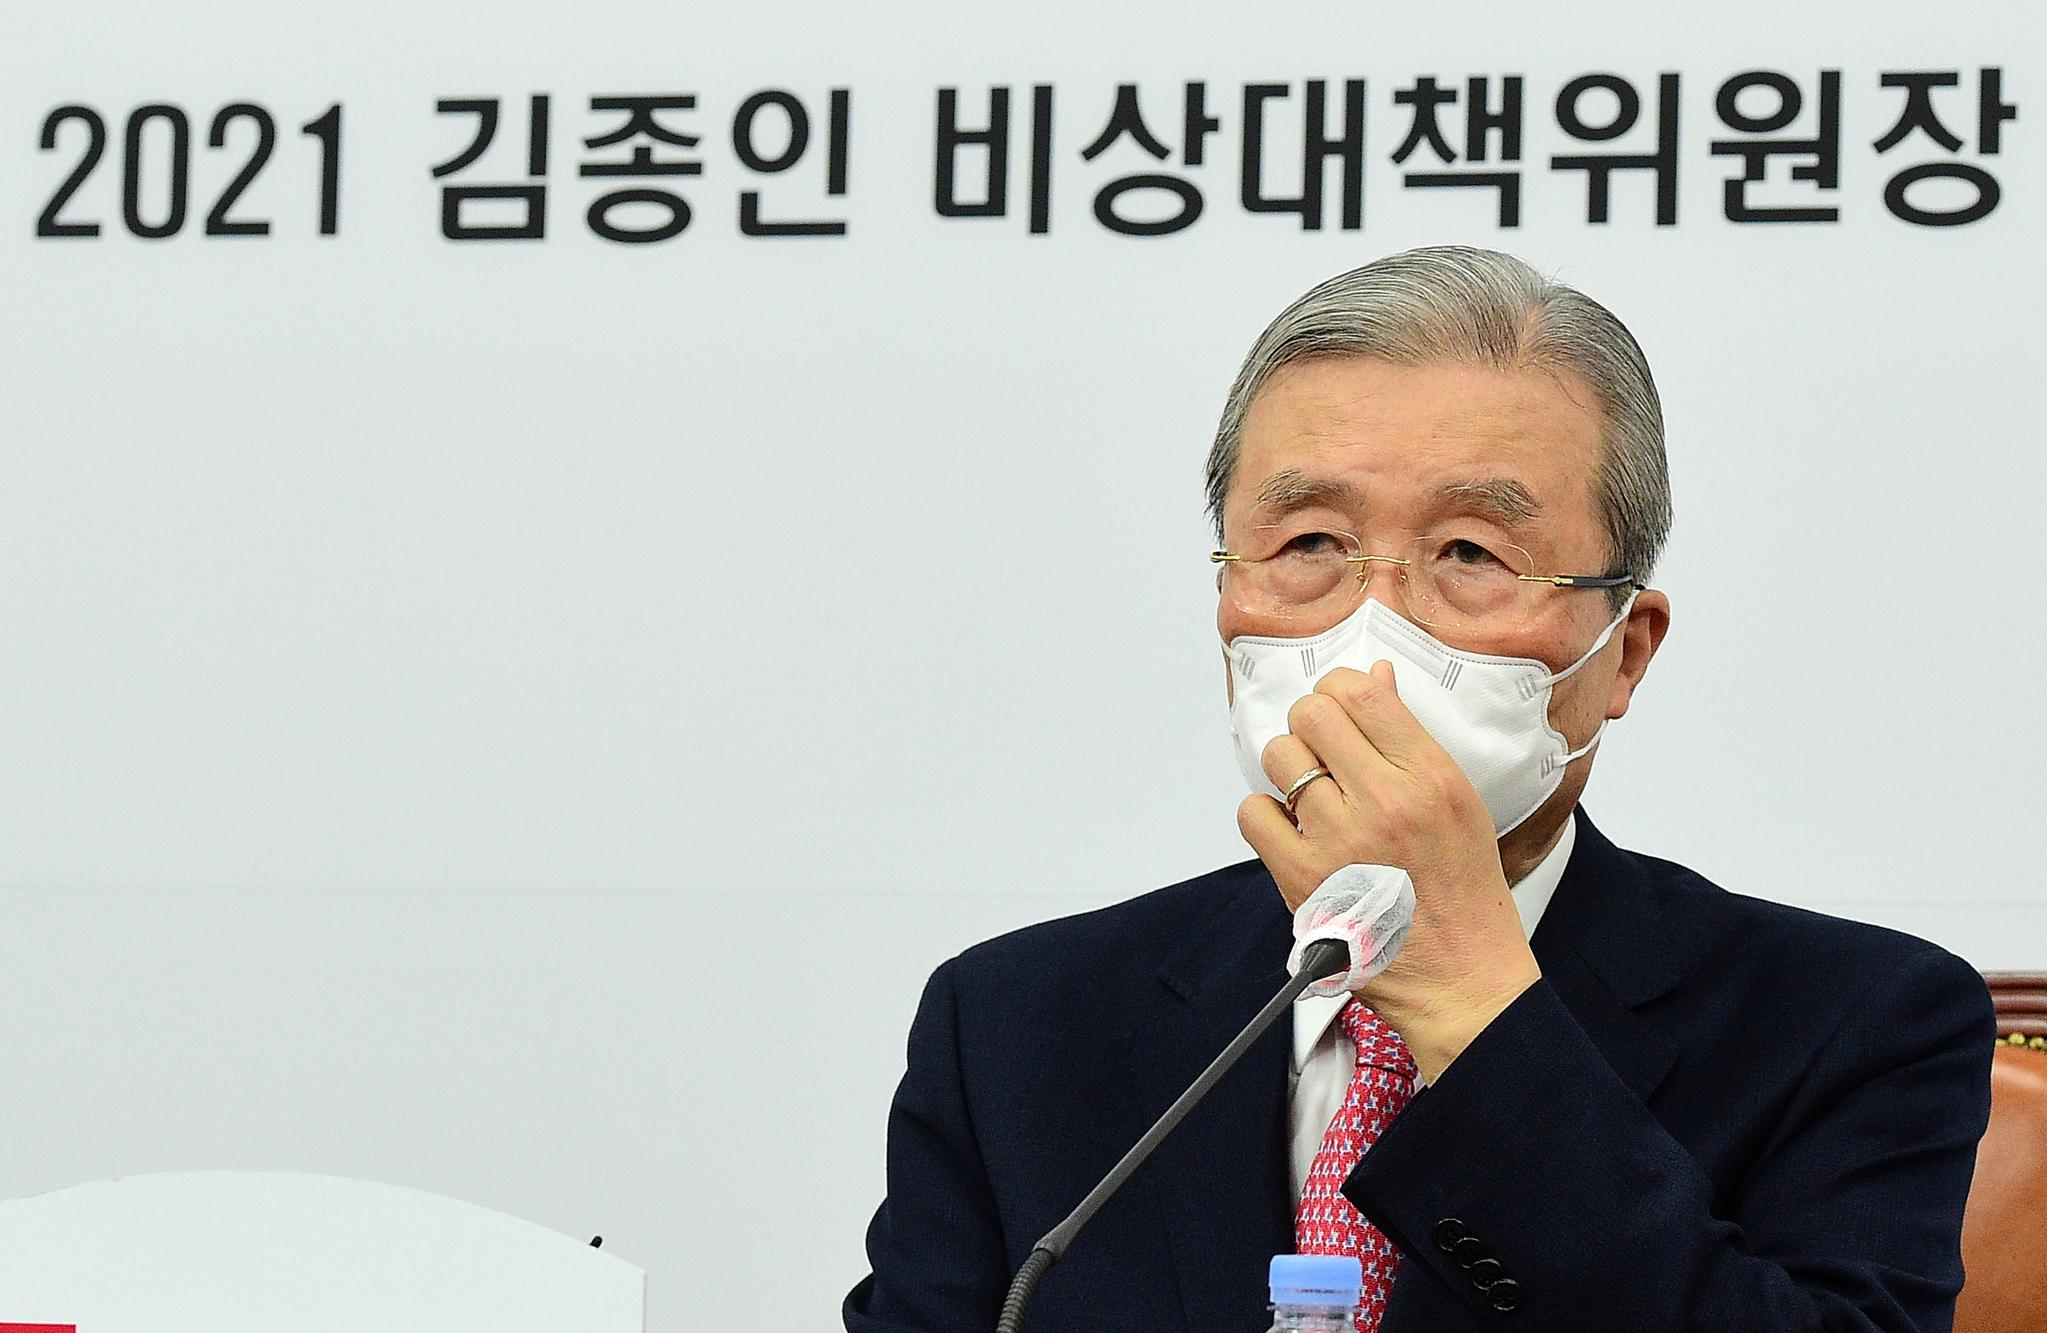 국민의힘 김종인 비상대책위원장이 27일 국회에서 열린 신년 기자회견에서 취재진의 질문을 듣고 있다. 연합뉴스